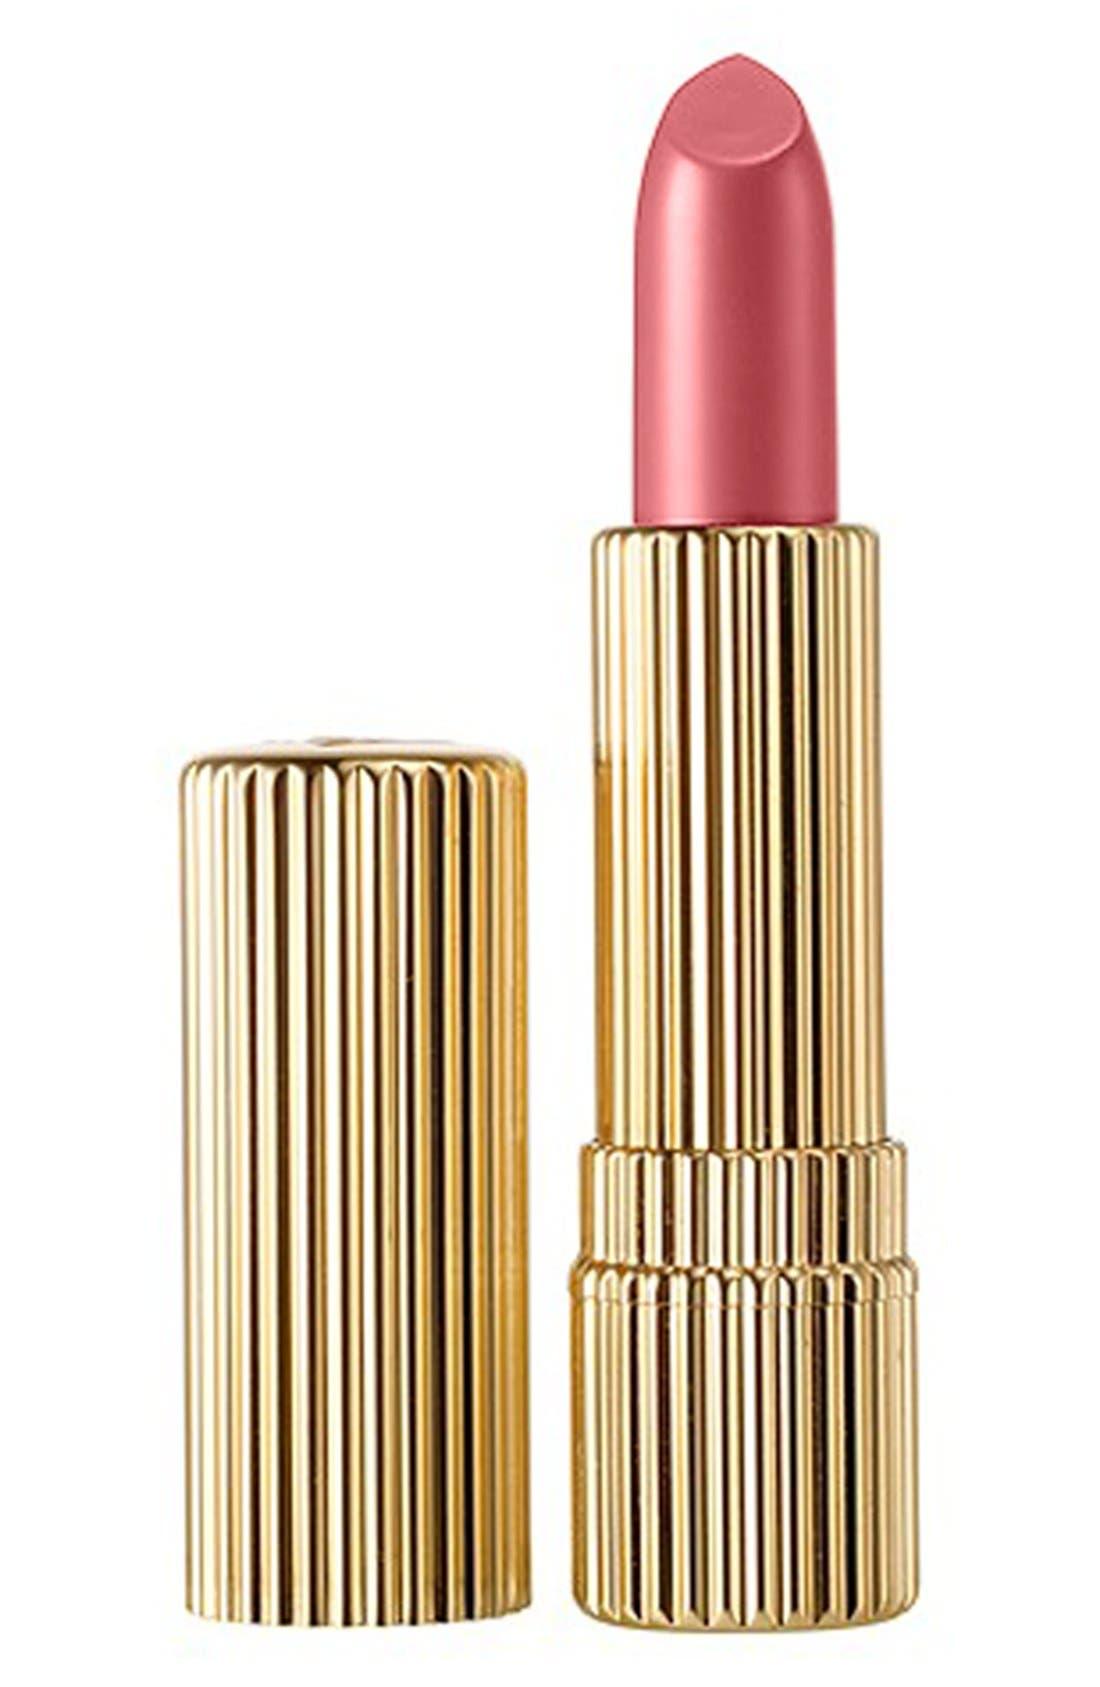 Estée Lauder All Day Lipstick